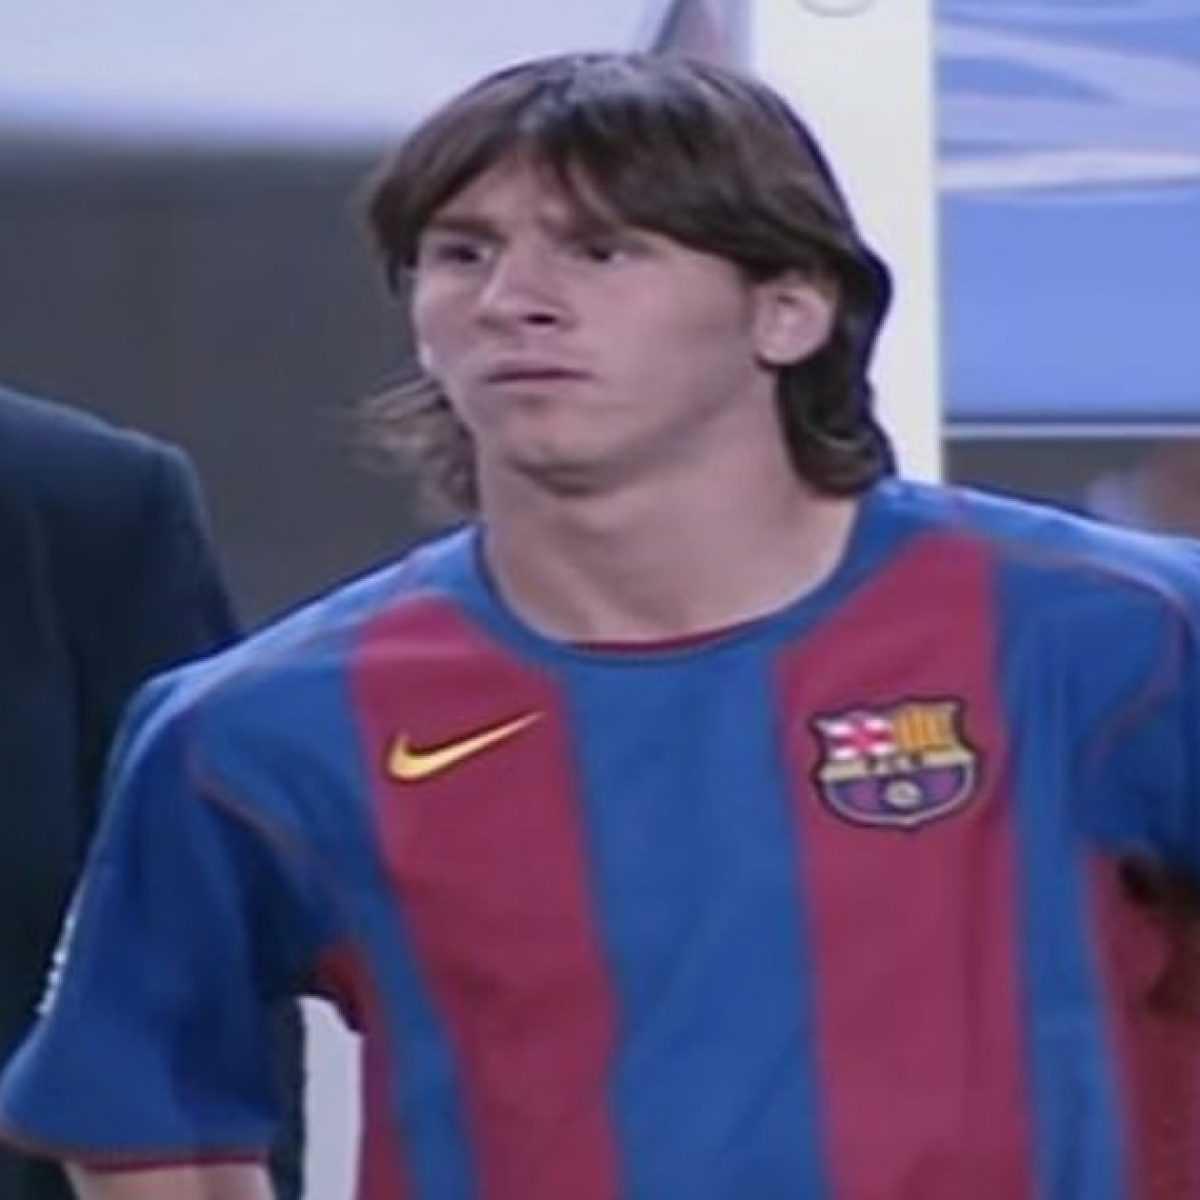 Barcellona, vicino il rinnovo di Messi fino al 2026